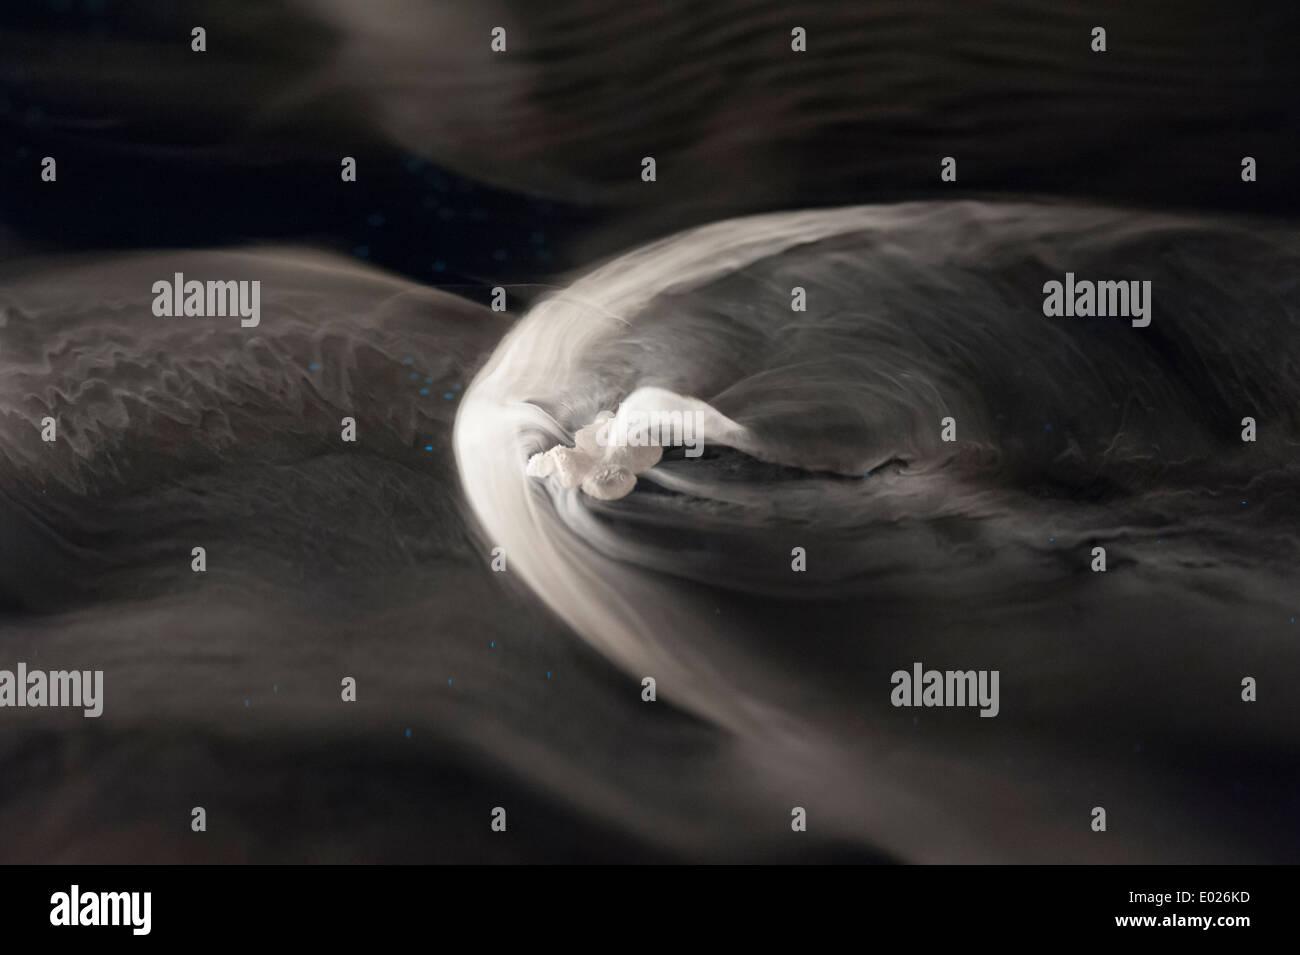 Un piccolo (1 cm) di grandi dimensioni pezzo di solidi congelati di neve di anidride carbonica è flottante su una superficie di acqua mentre è evaporare. Immagini Stock